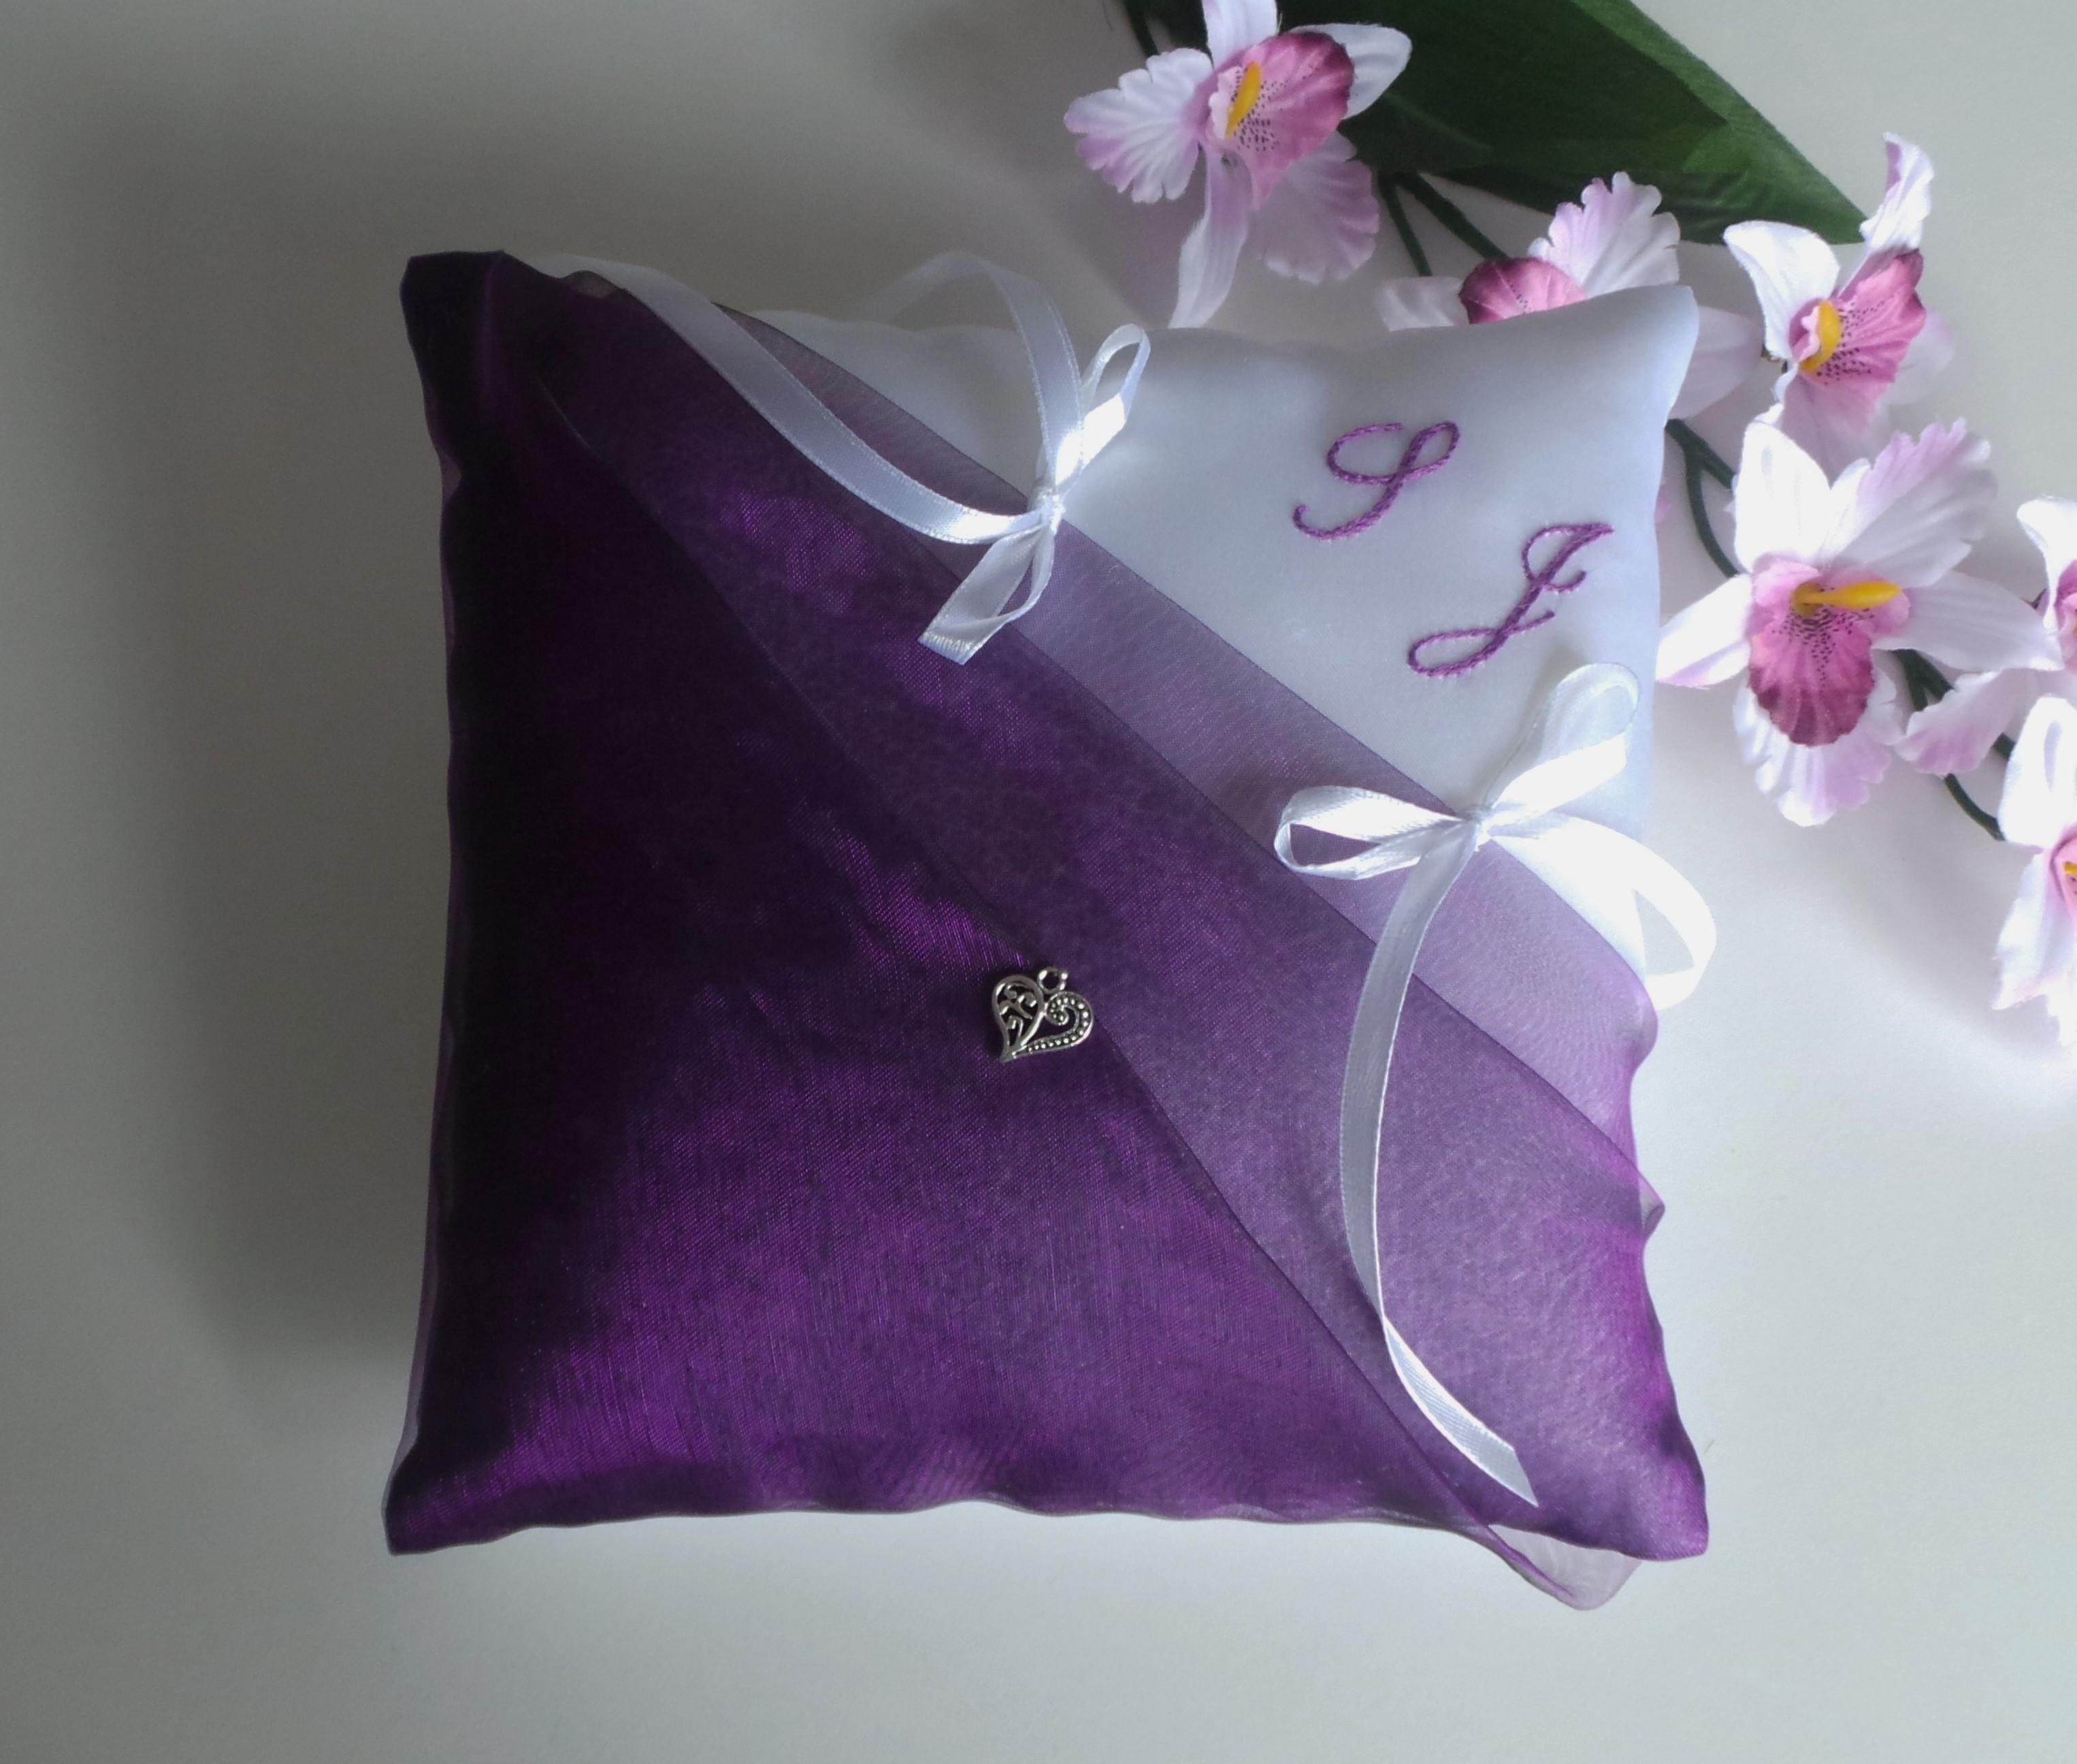 Coussin alliance personnalise violet prune blanc fait main